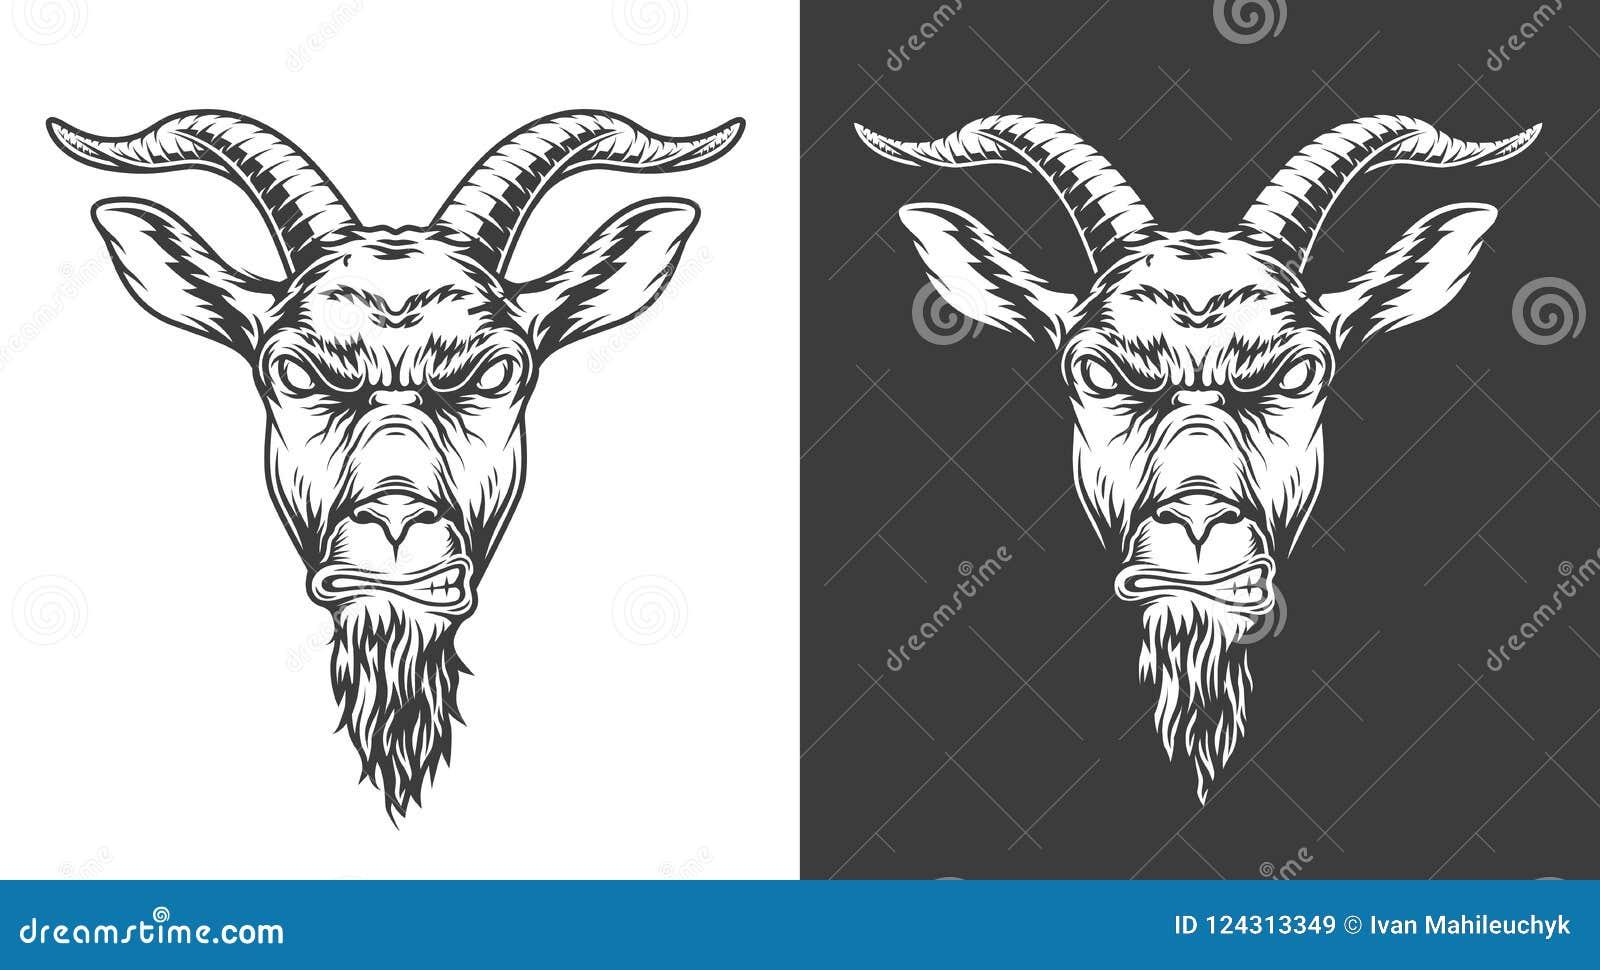 Ícone monocromático da cabra